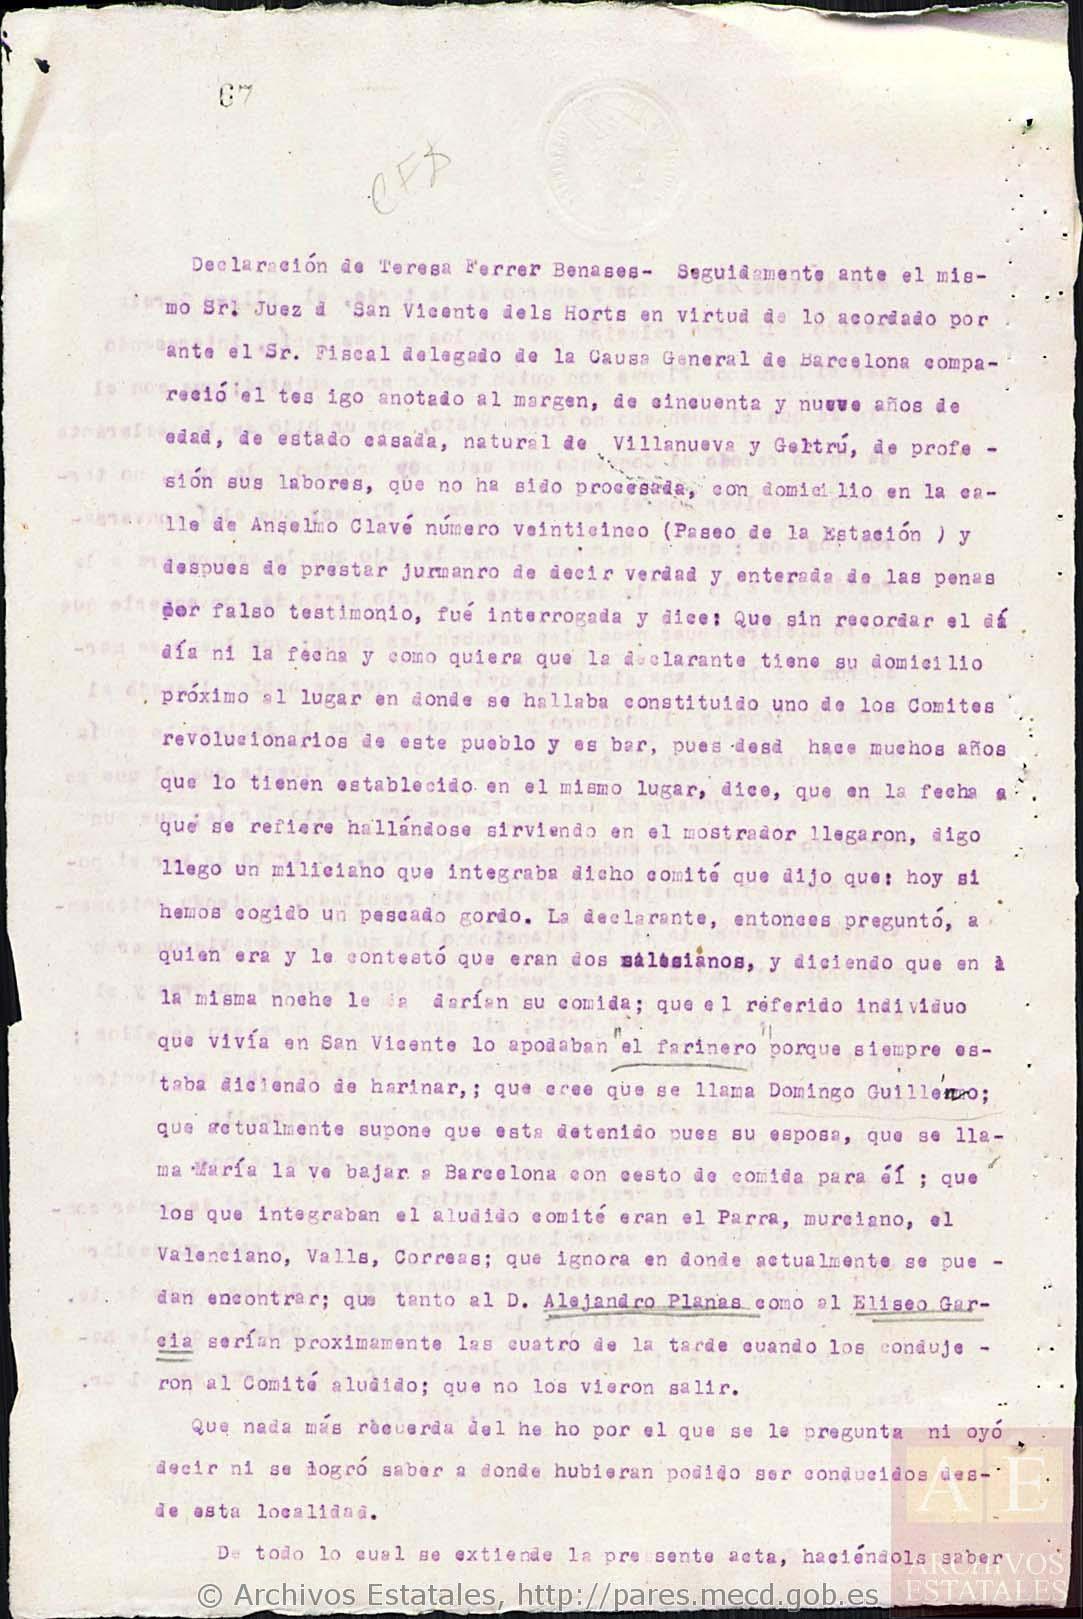 El salesiano mártir por llevar la Comunión a un compañero sordo El salesiano Eliseo García, que ya tenía un hermano mártir, fue asesinado junto con un colaborador laico al que llevaba la Comunión